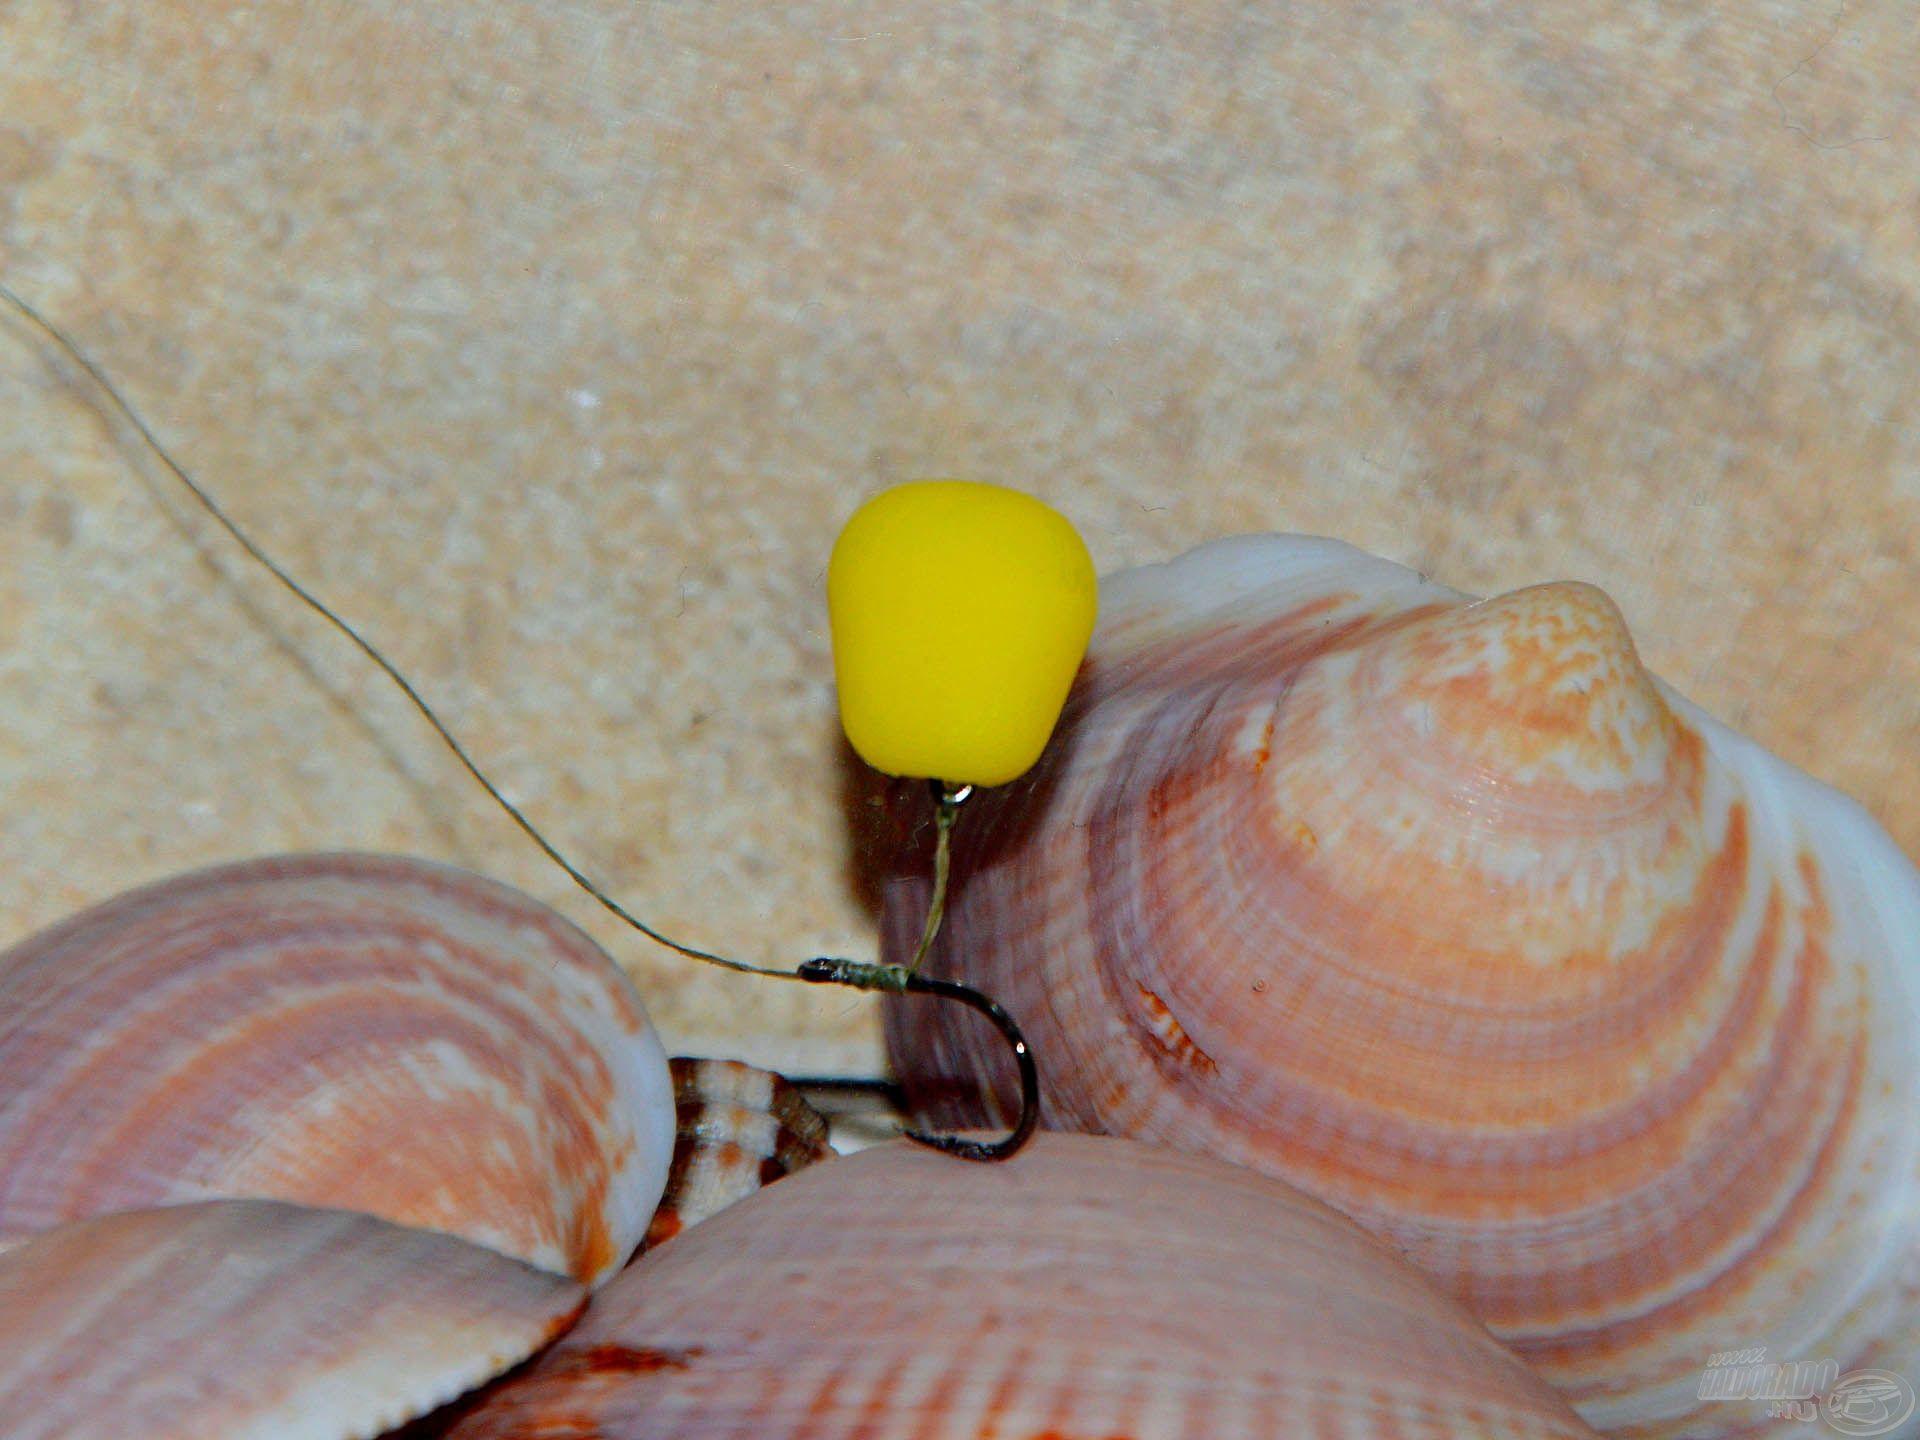 A 10-es méretű, klasszikus formájú pontyozó horog és a 7 mm-es csalitüske épphogy lesúlyozza a SpéciCorn csalit